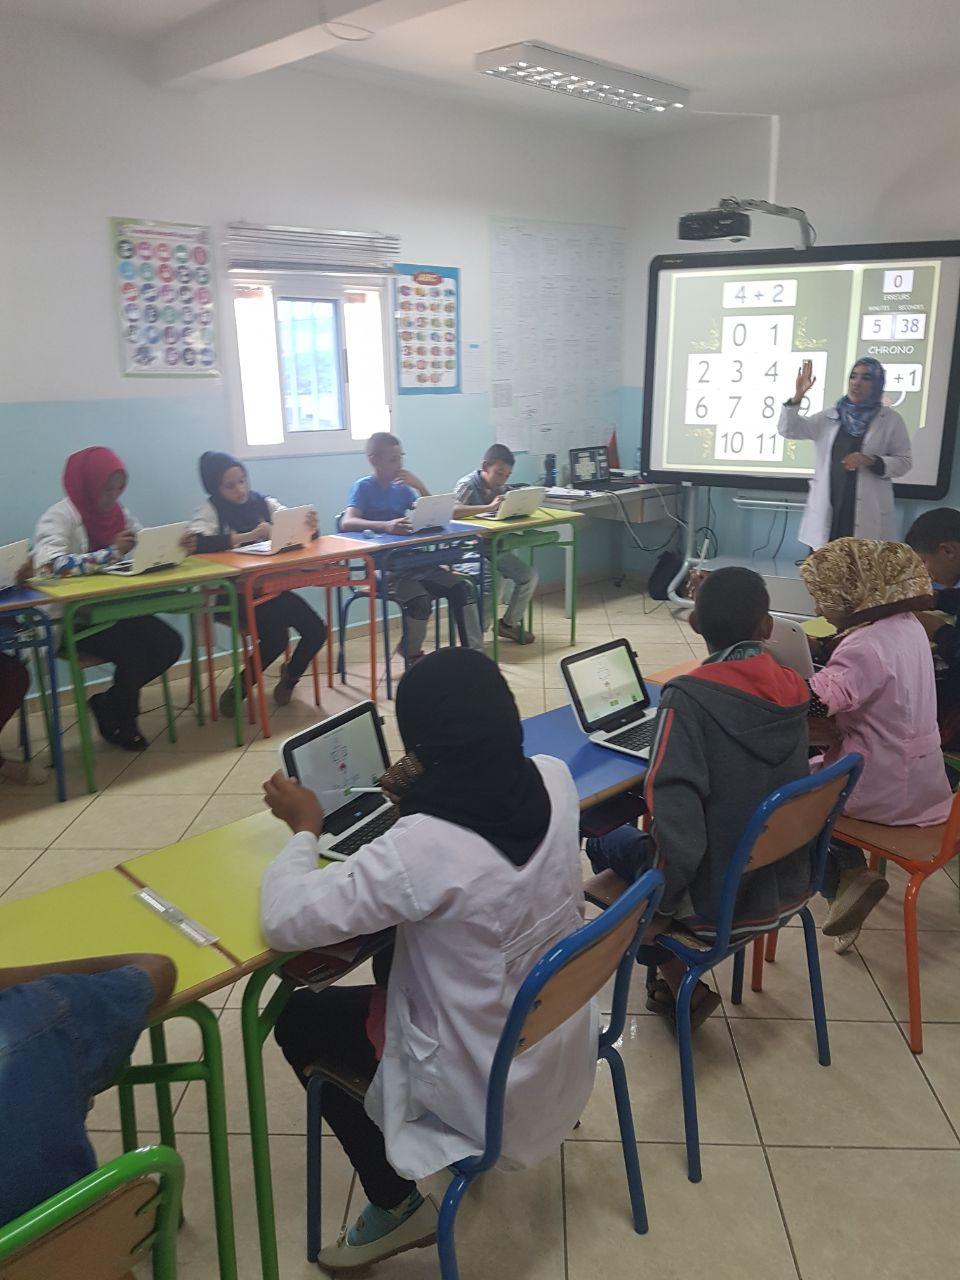 Inauguration de l'Ecole Non Formelle numérique de la Fondation Société Générale & de la Fondation Zakoura